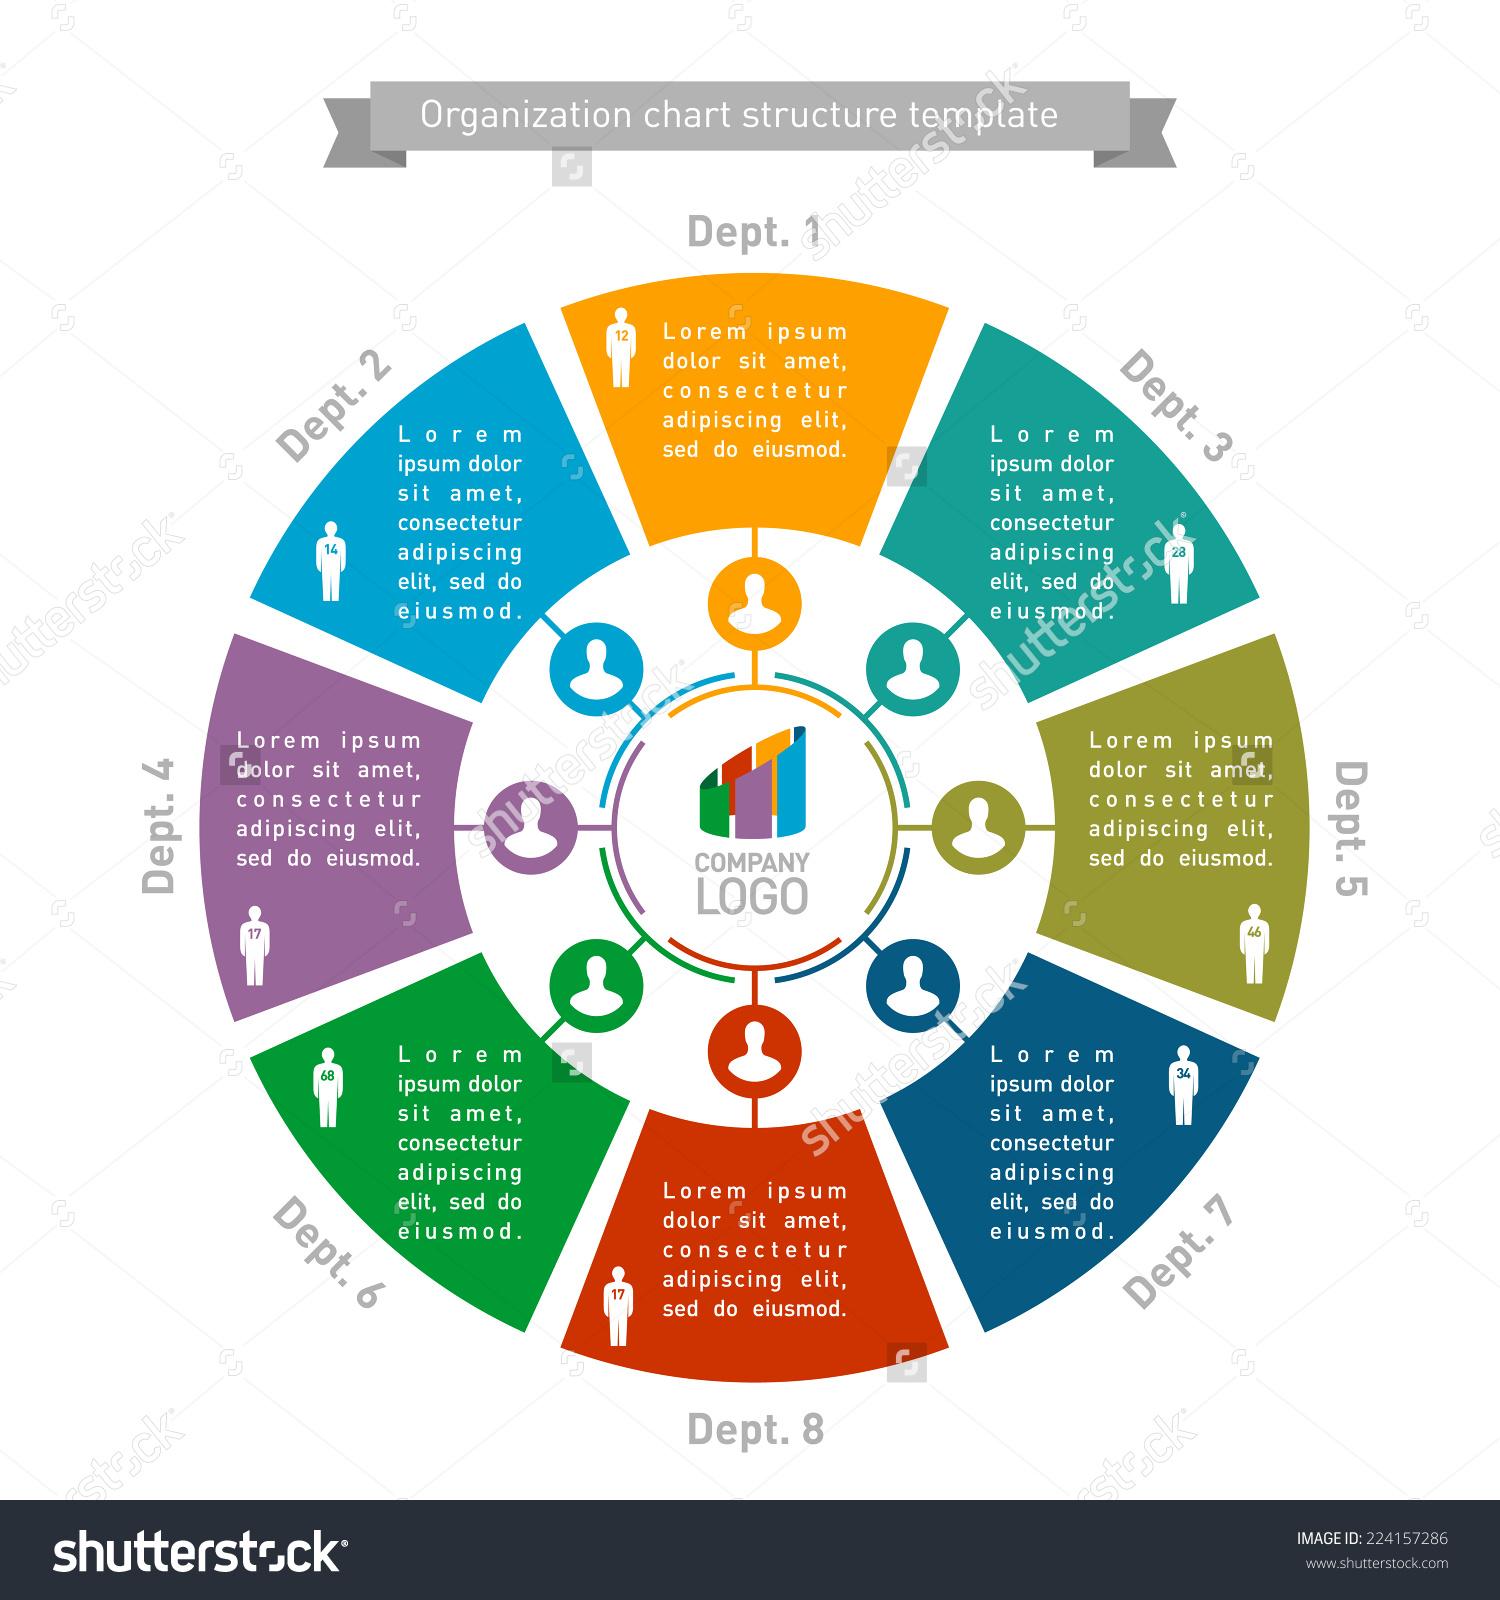 Structure clipart organizational design Round structure template Organizational structure